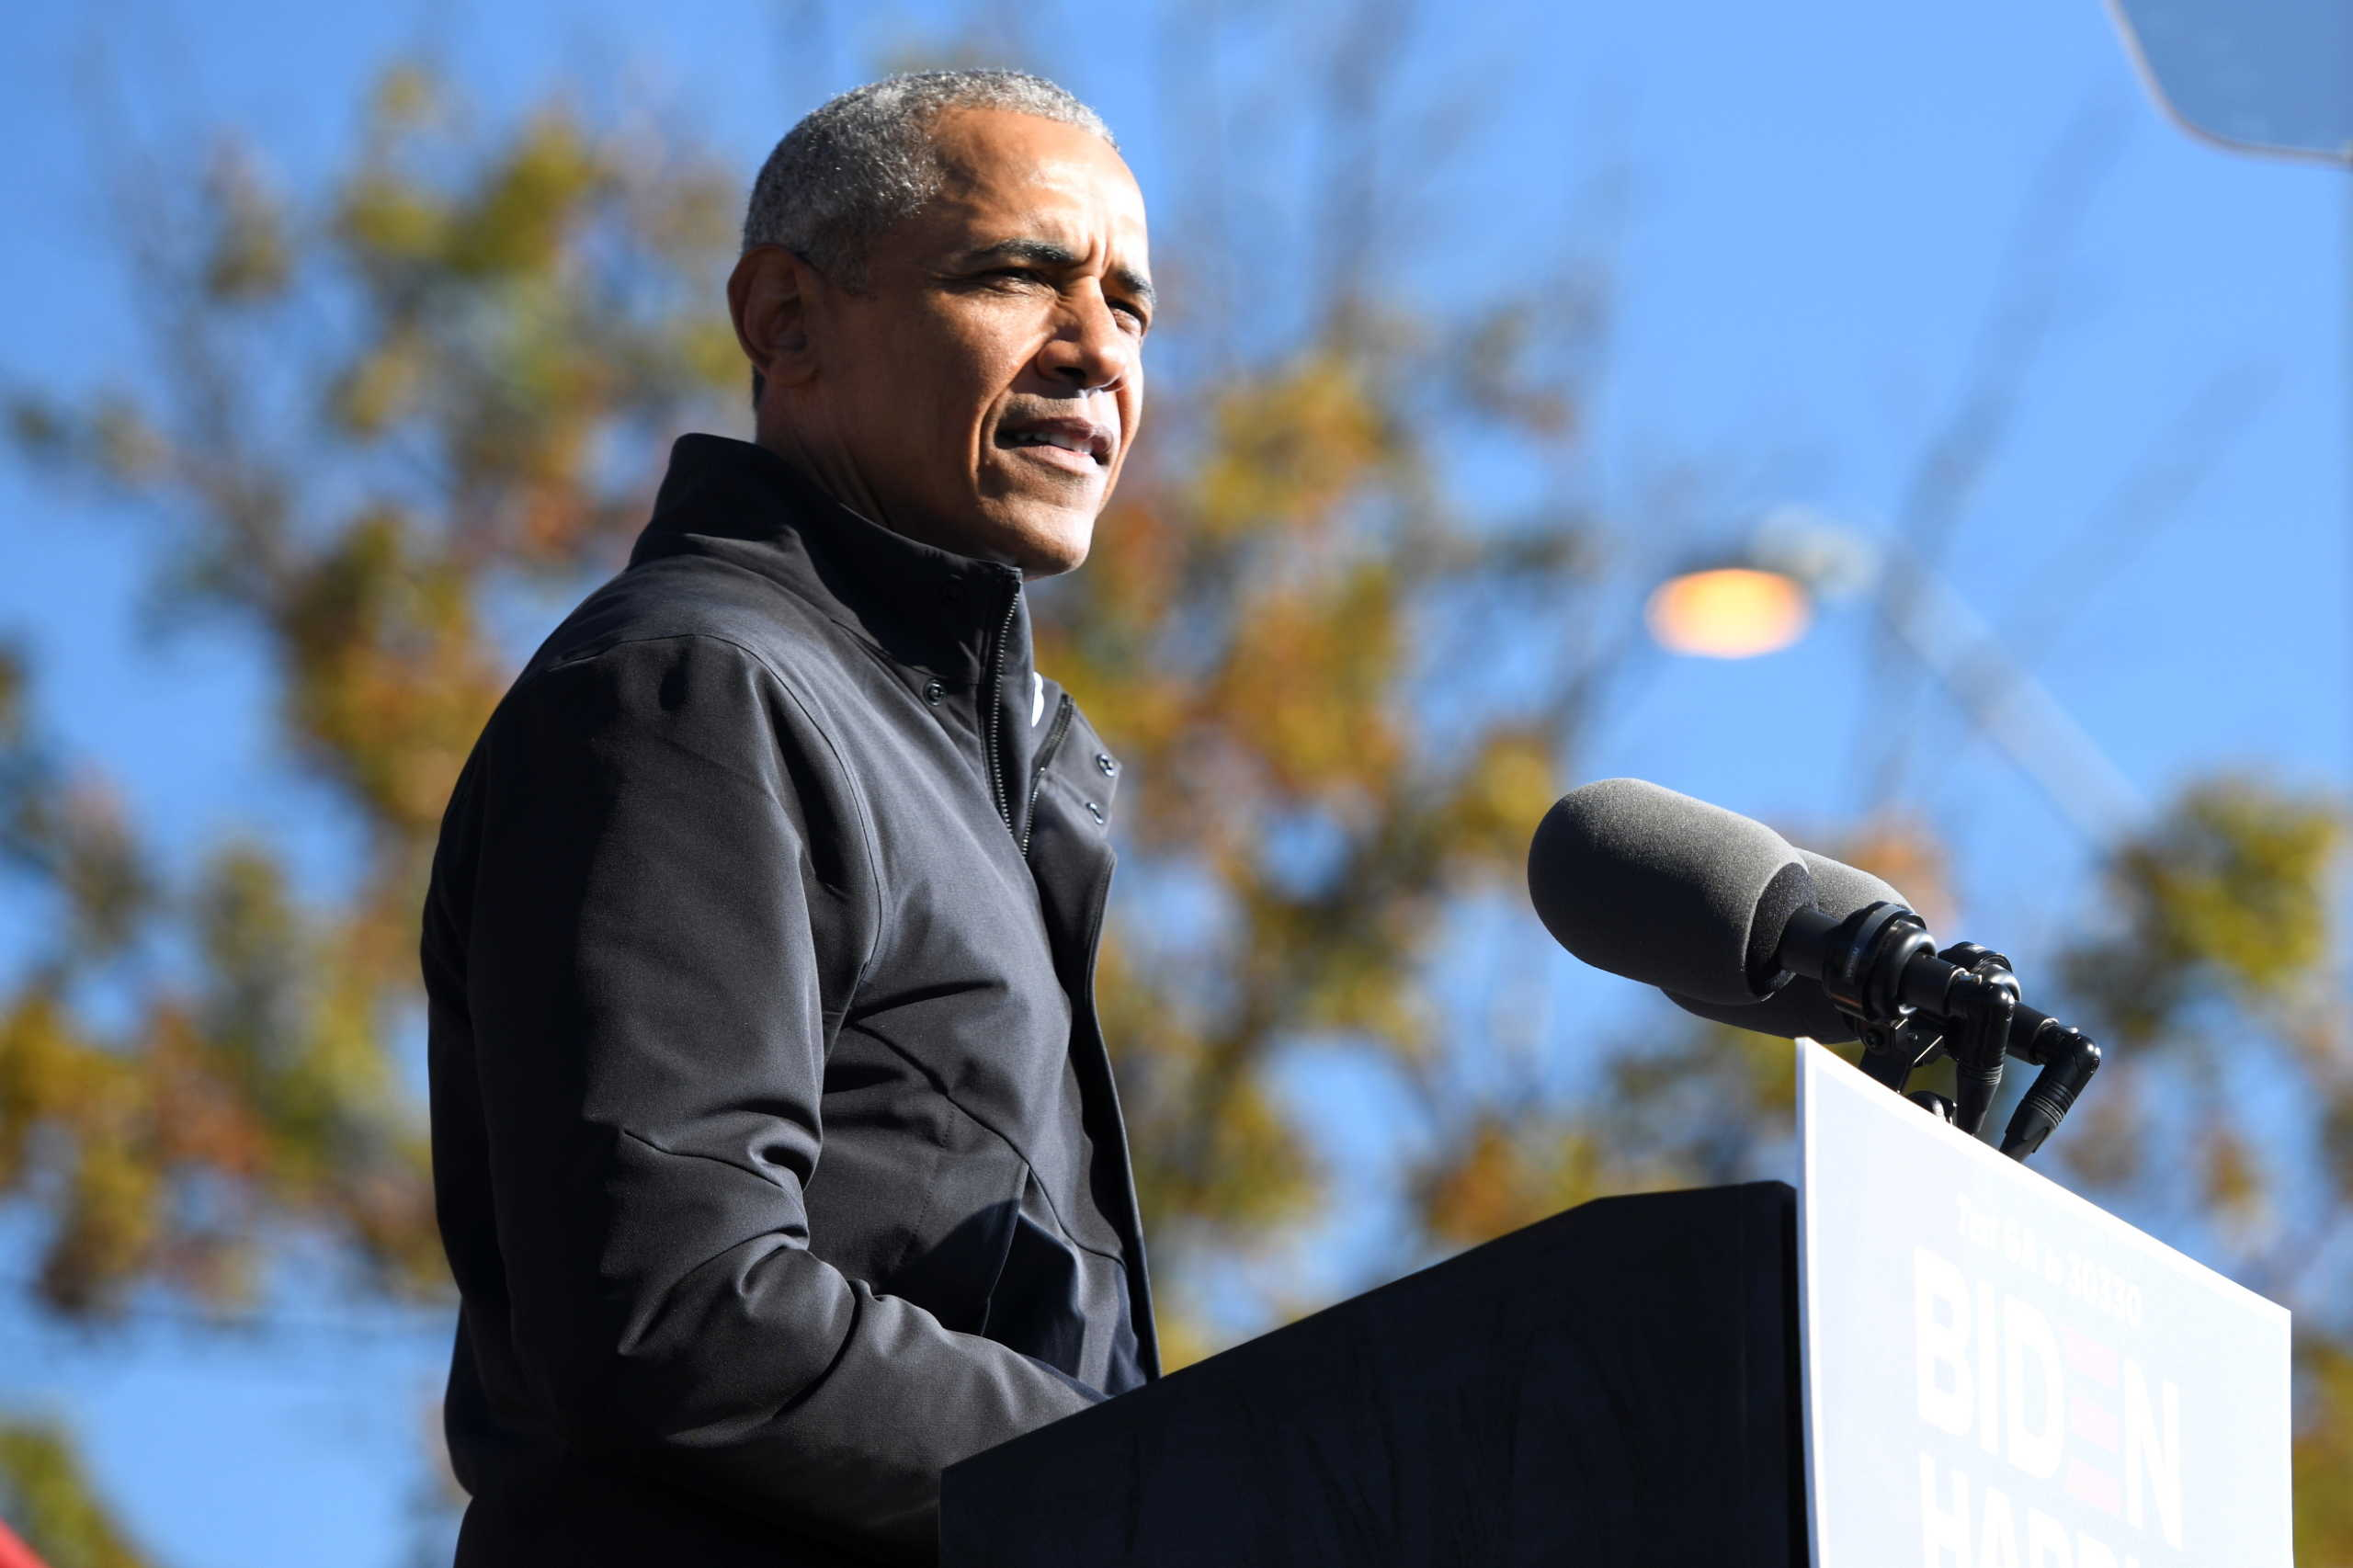 Πρίγκιπας Φίλιππος: Συλλυπητήρια από τον Μπαράκ Ομπάμα